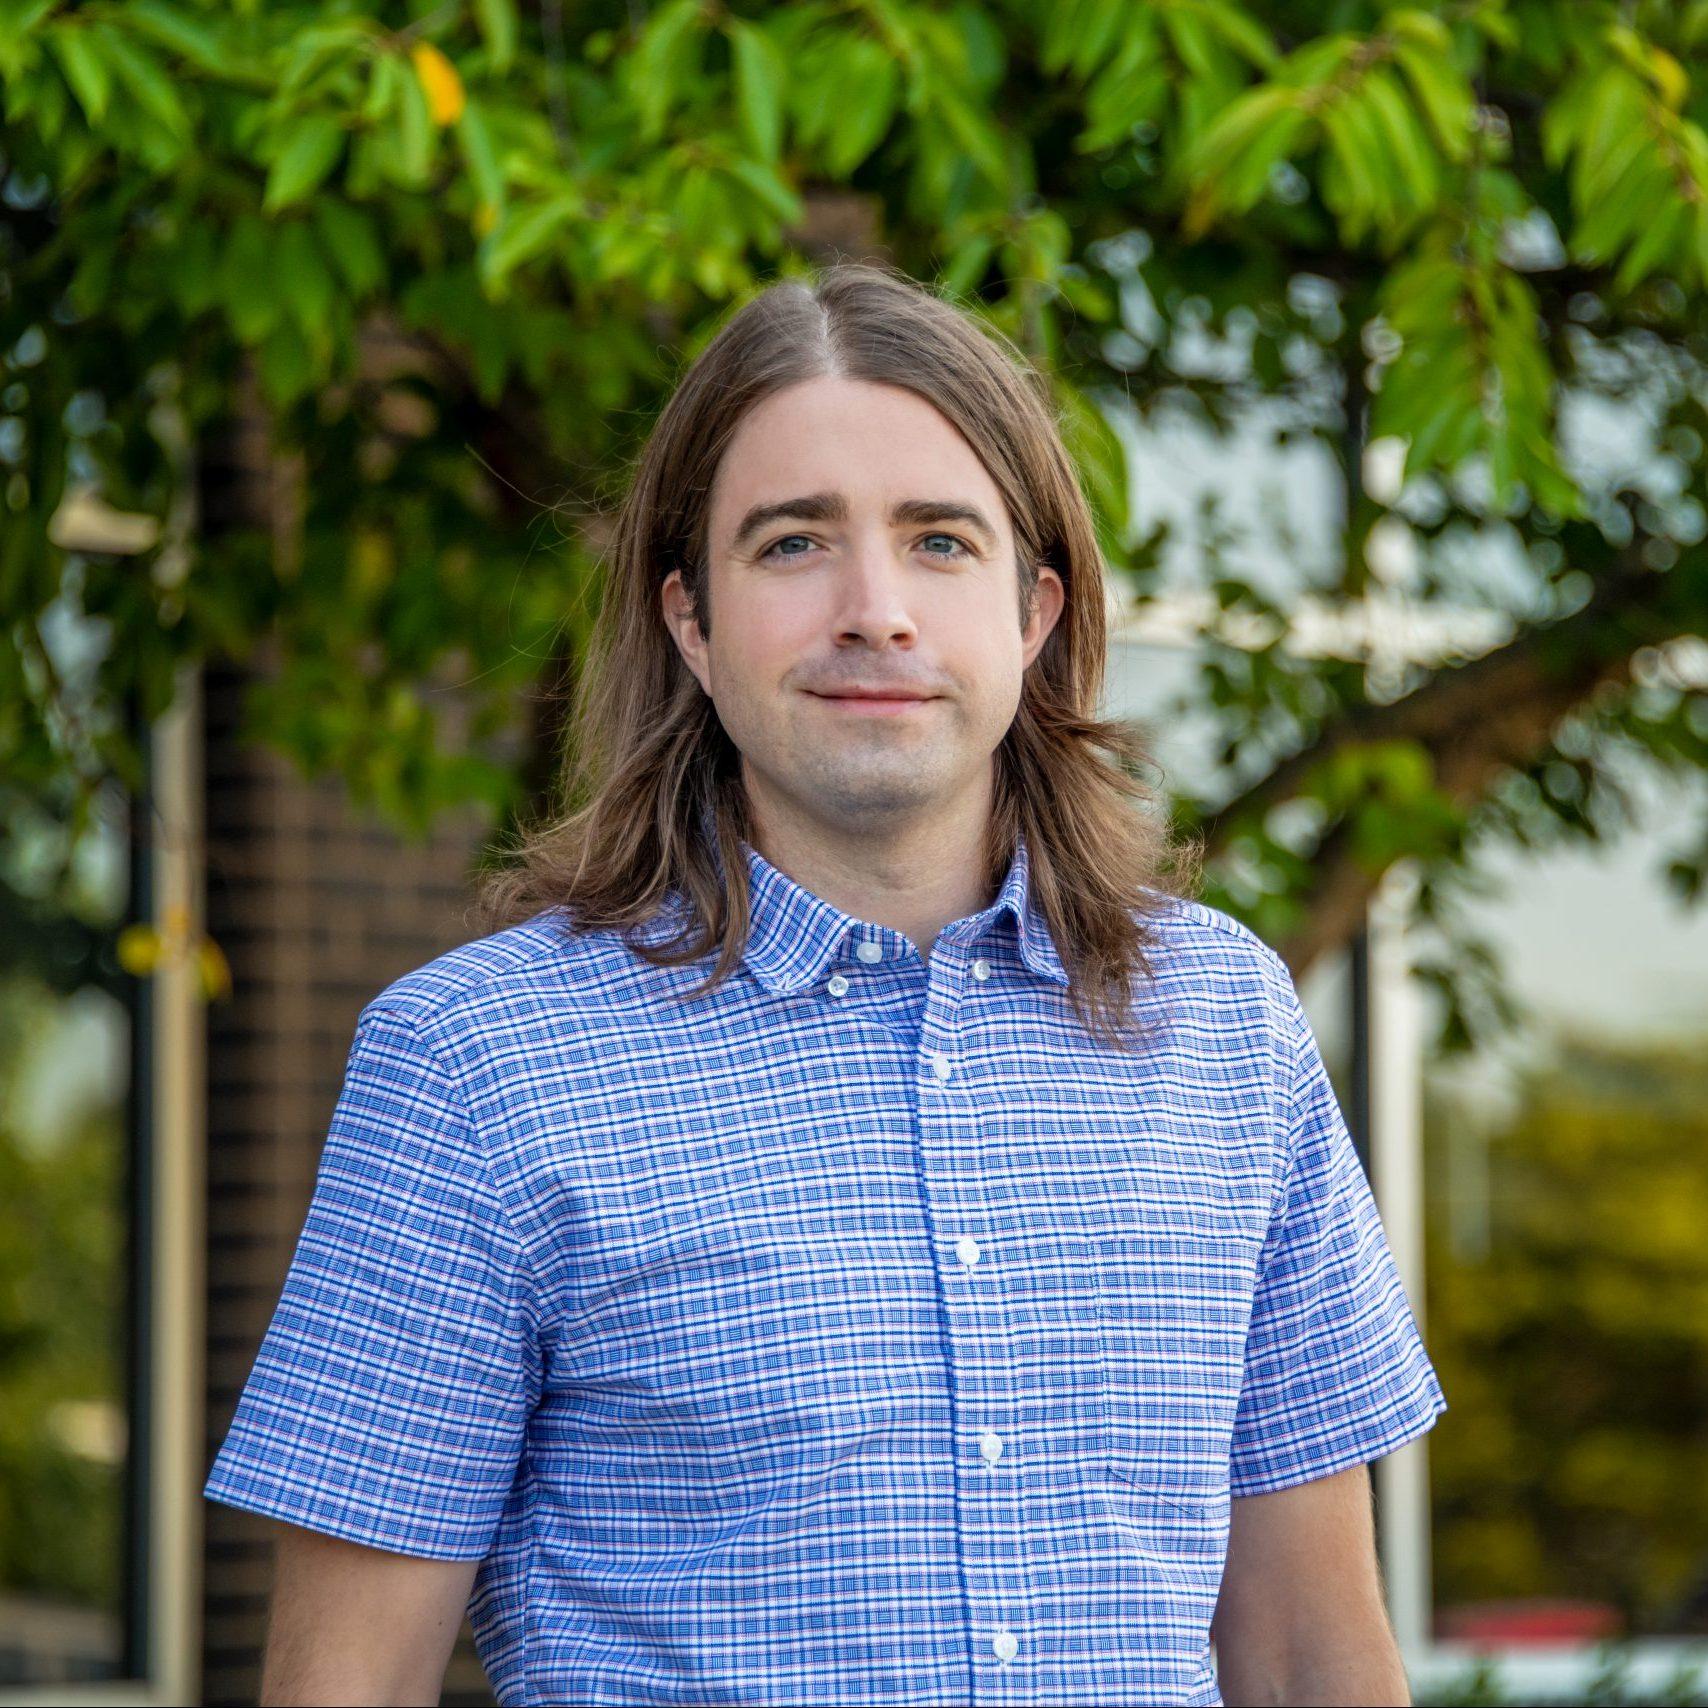 Steven Sulanke